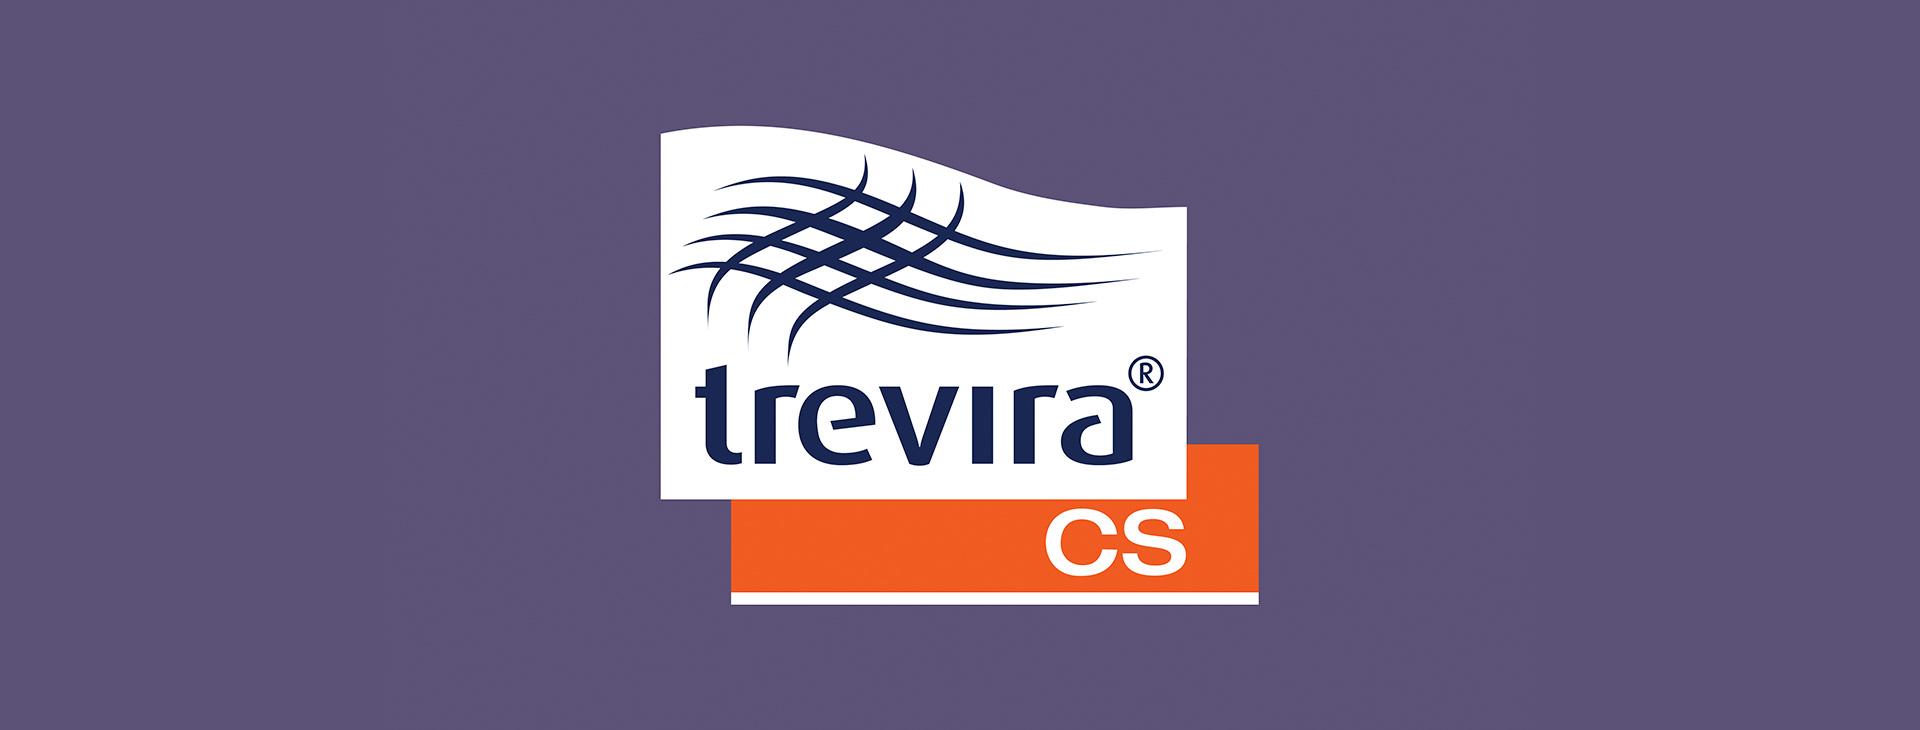 trevira_lente_NO_20201102